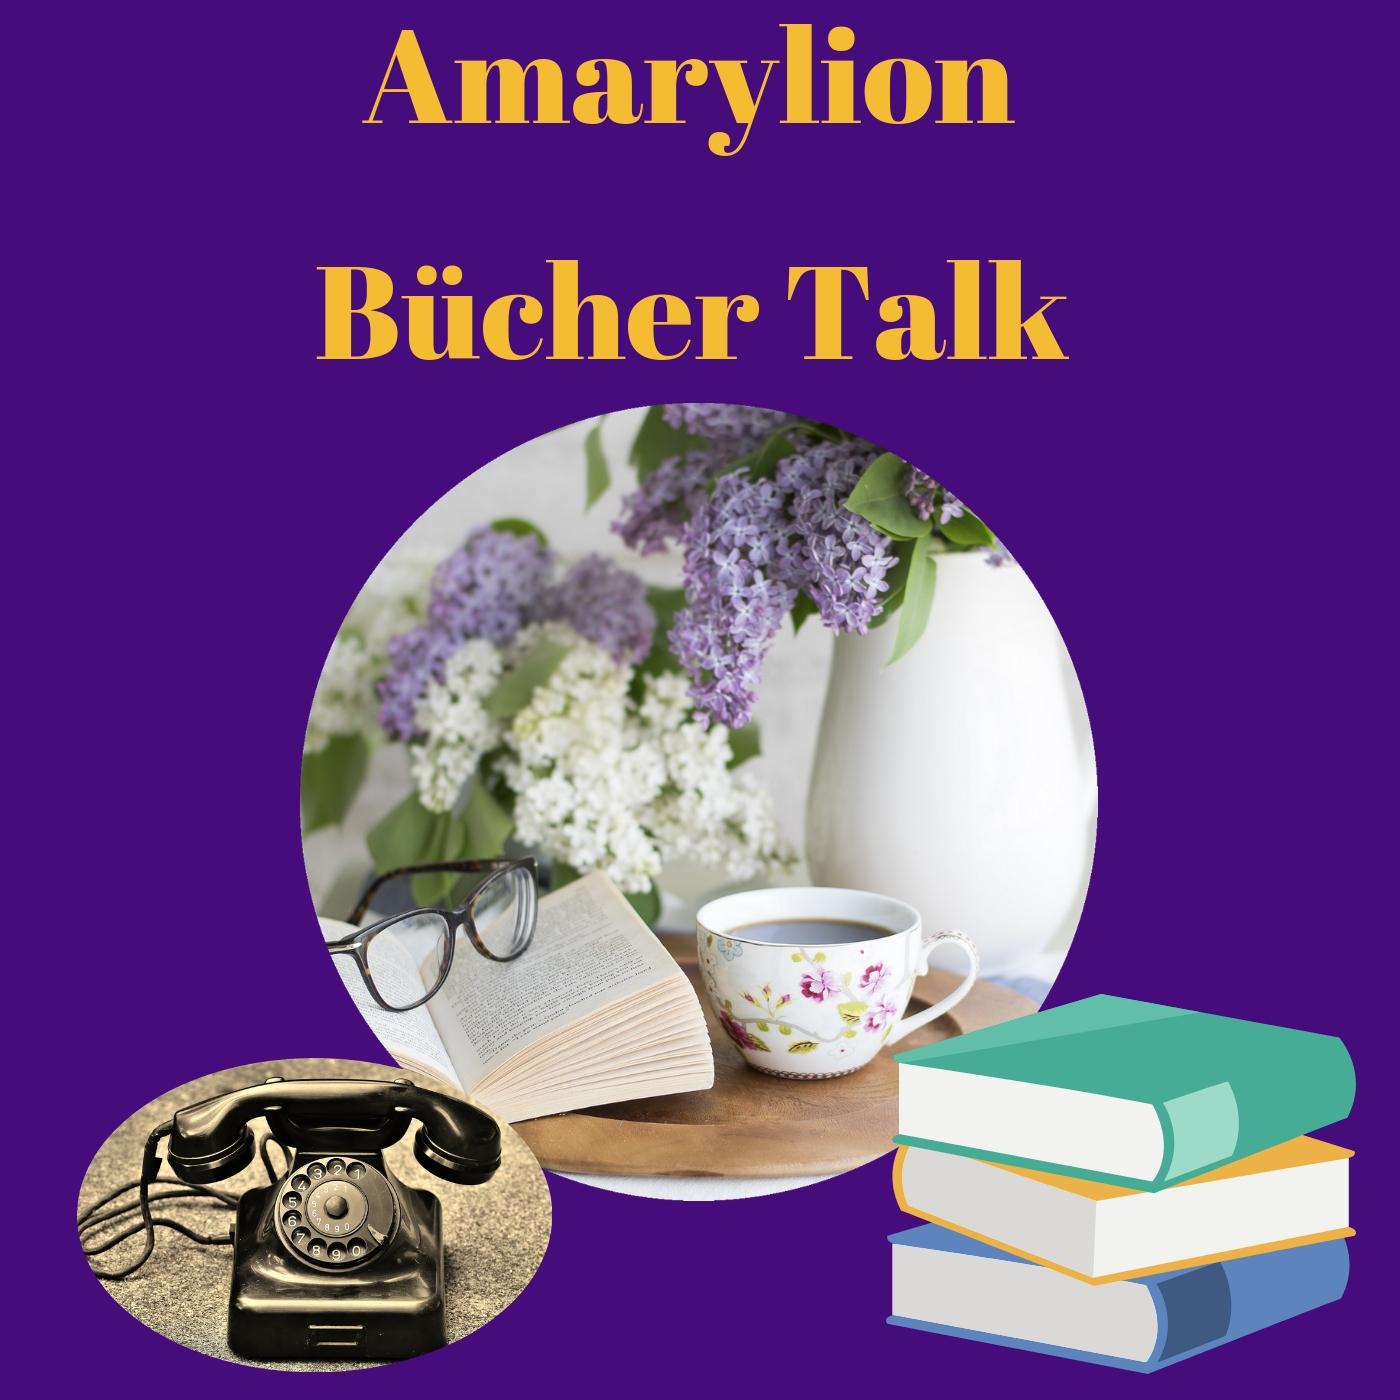 Dein Buch im Amarylion Bücher Talk